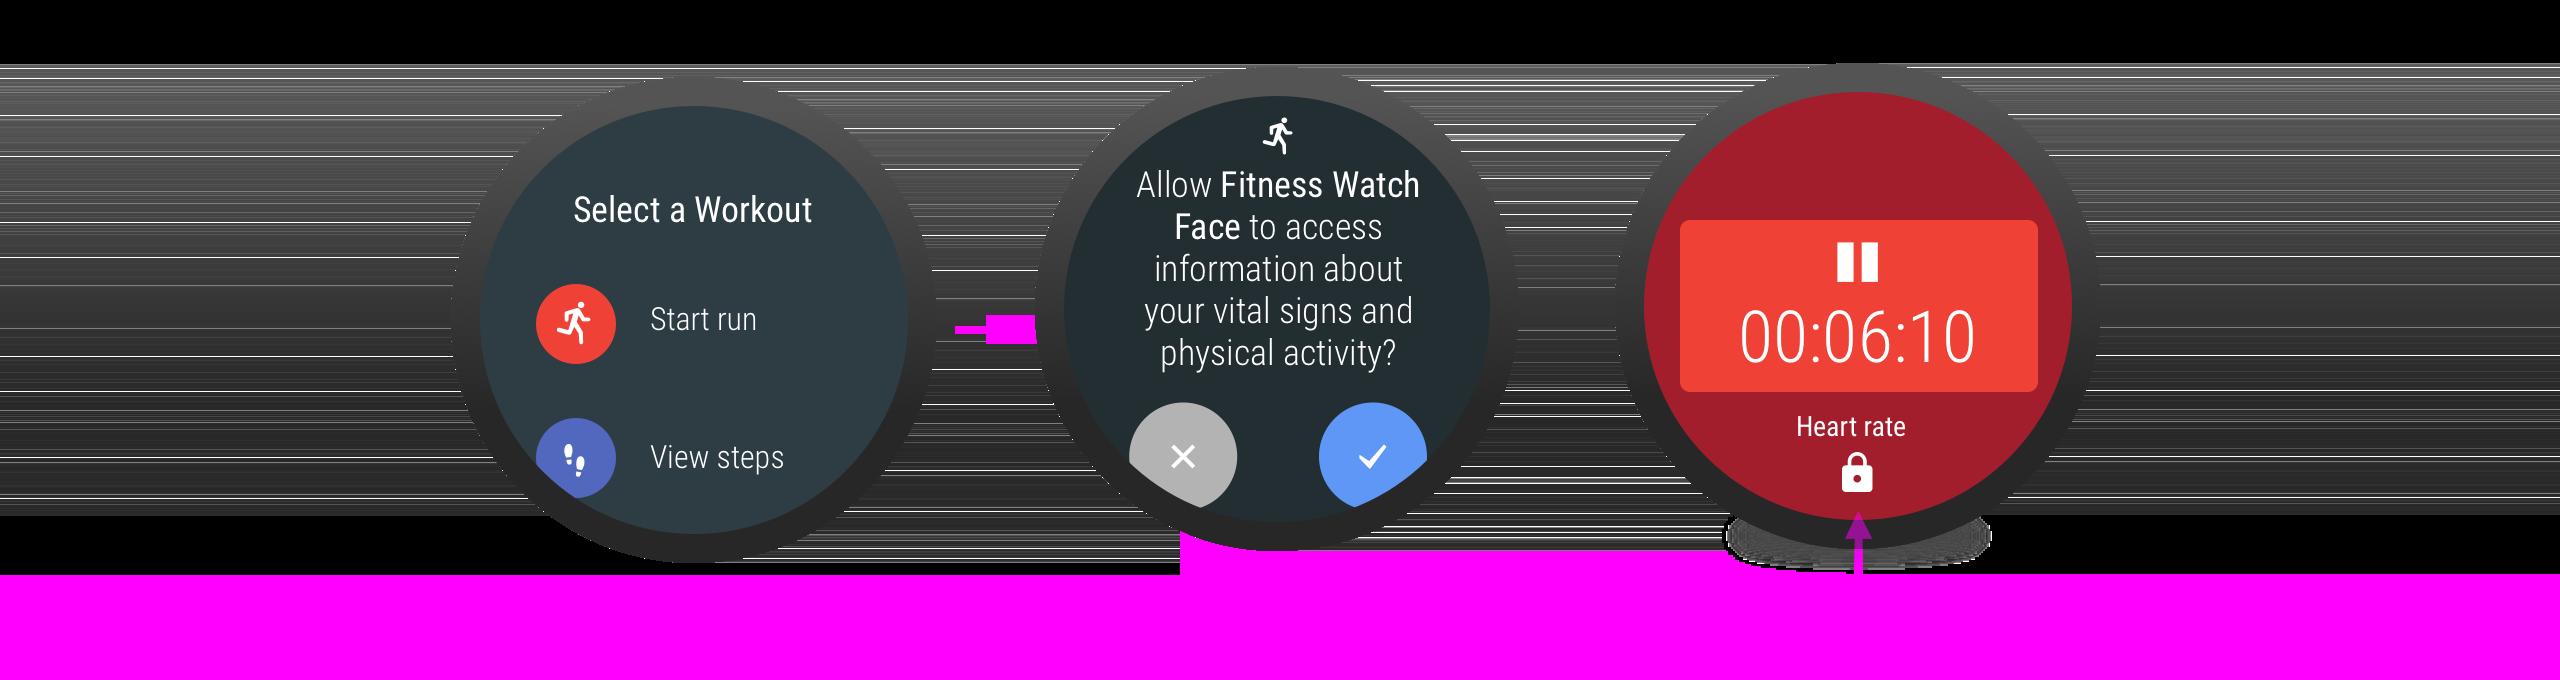 Quando o usuário negar a permissão, um ícone de cadeado será mostrado ao lado do recurso associado.